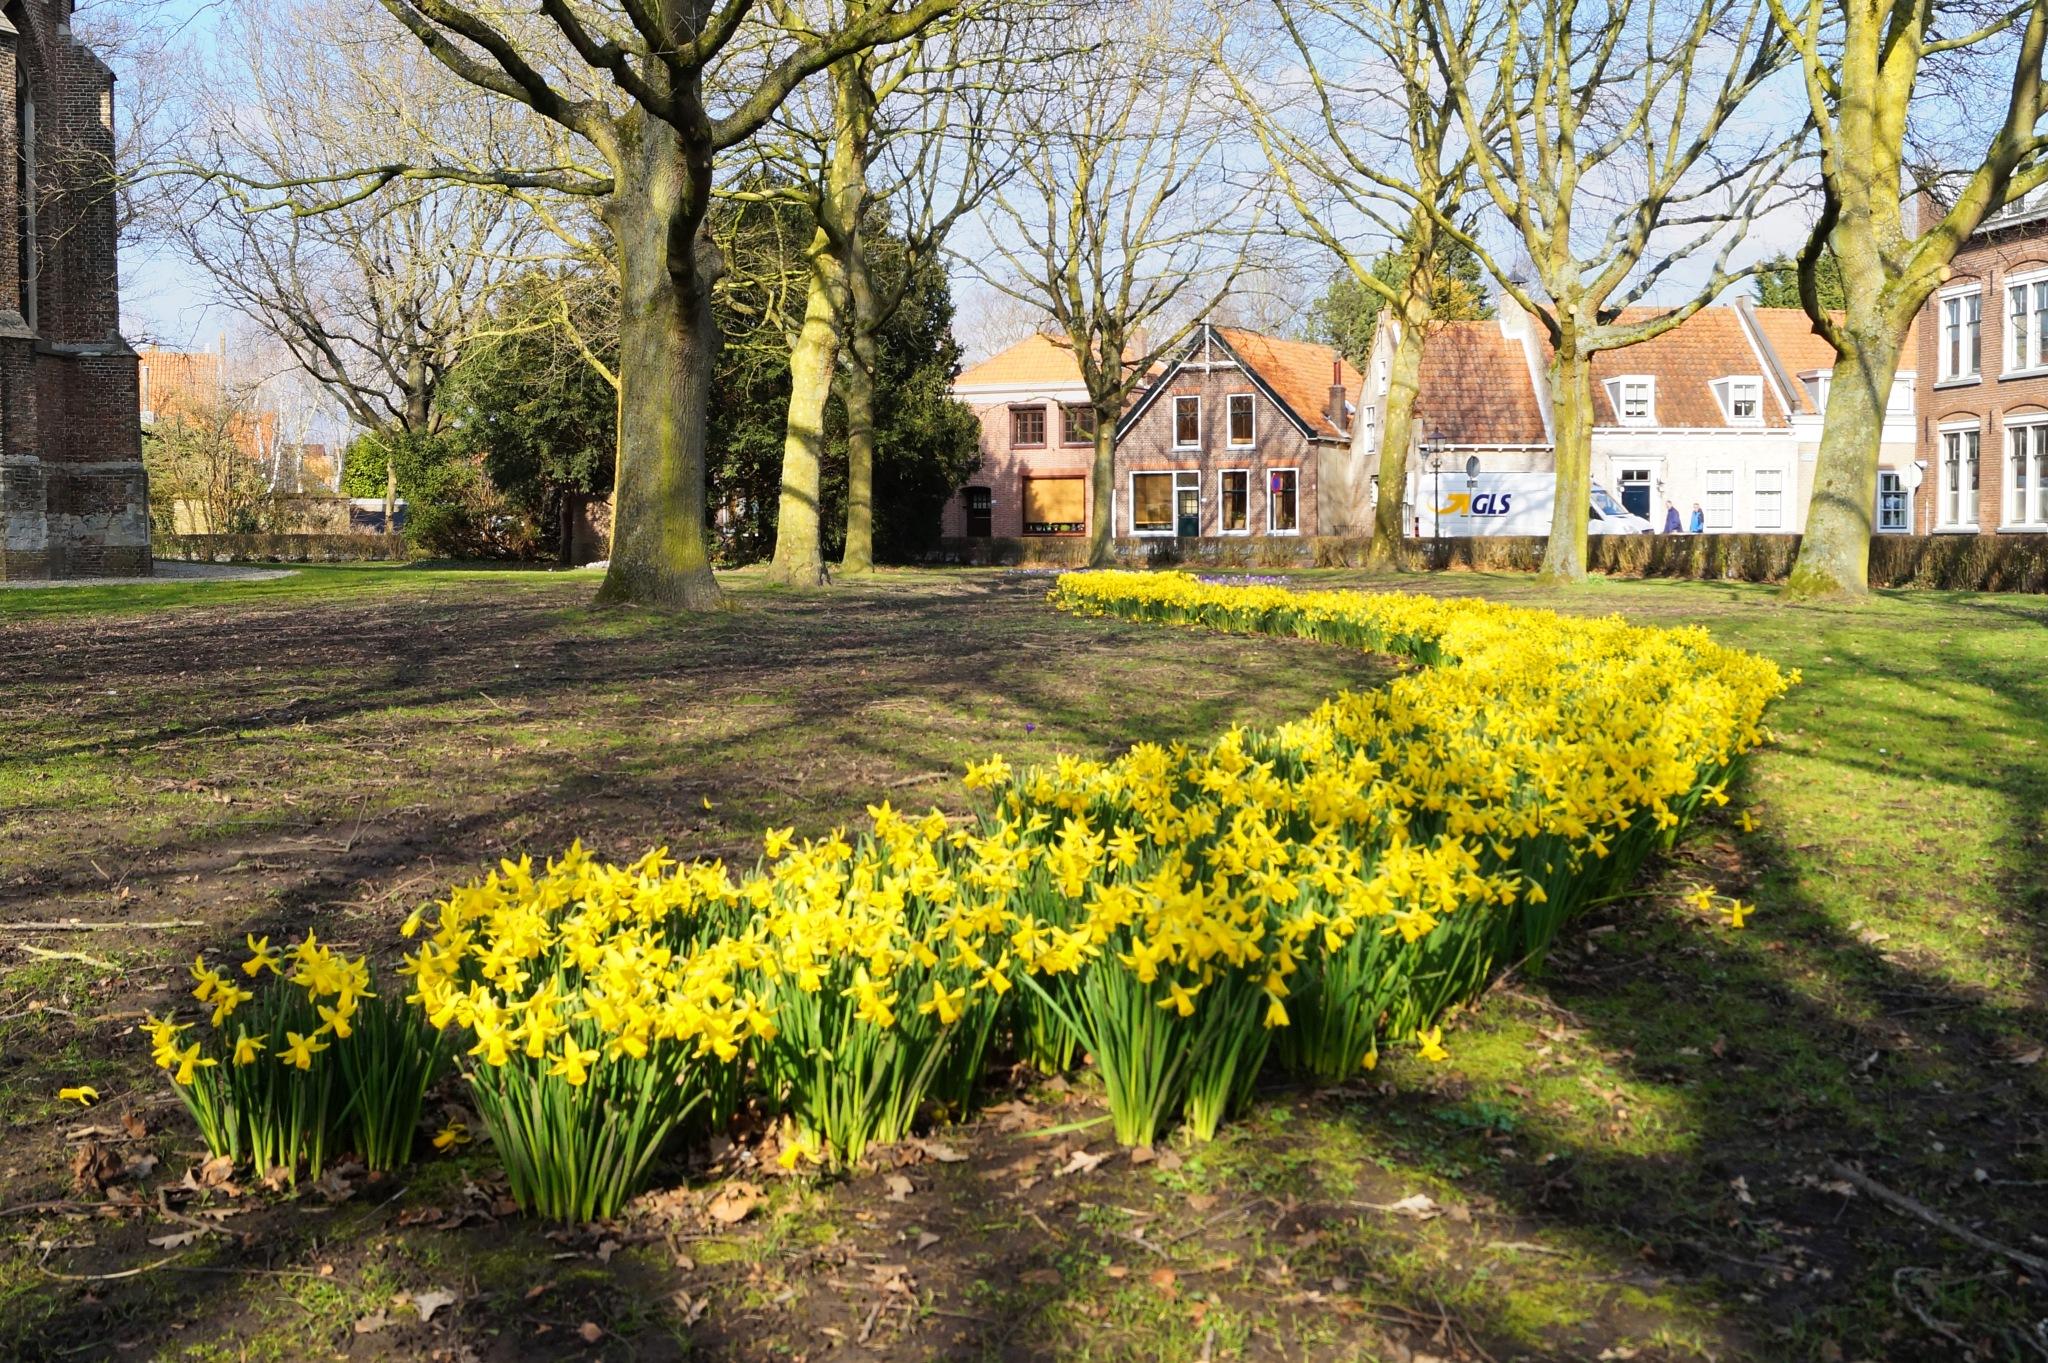 Daffodils by Marian Baay